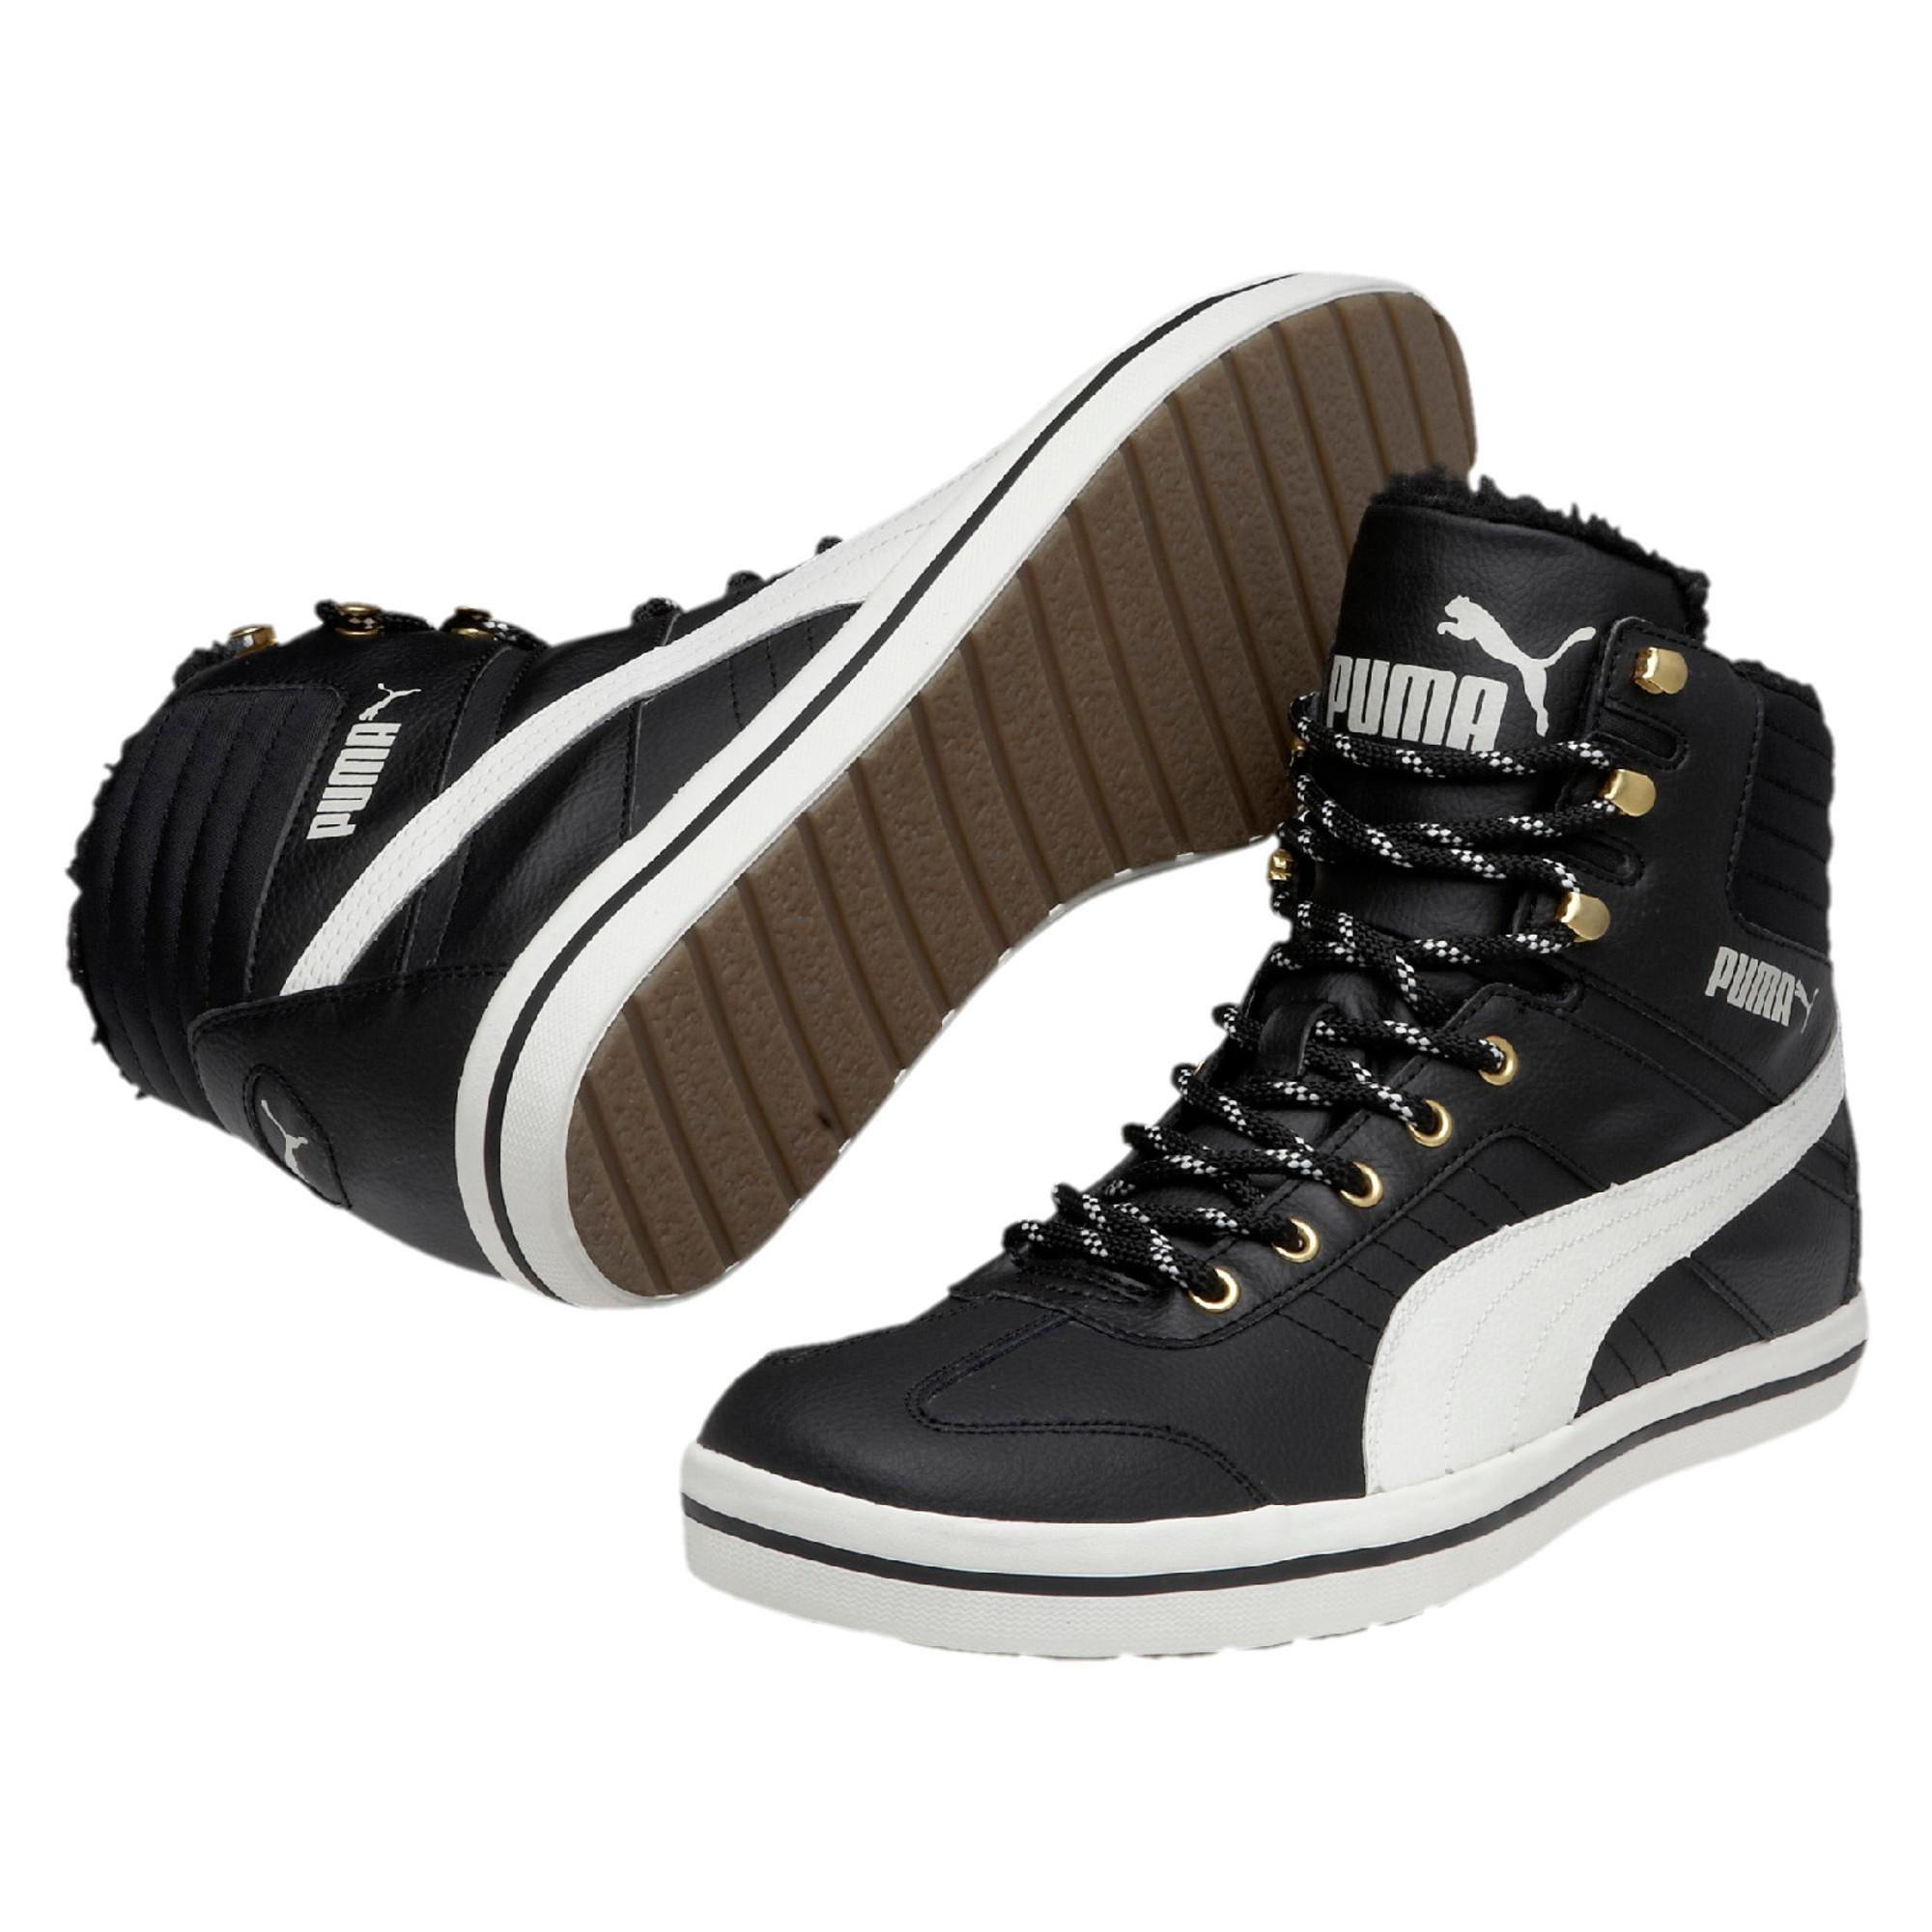 حذاء تاتاو سنيكرز رياضي ماركة بوما